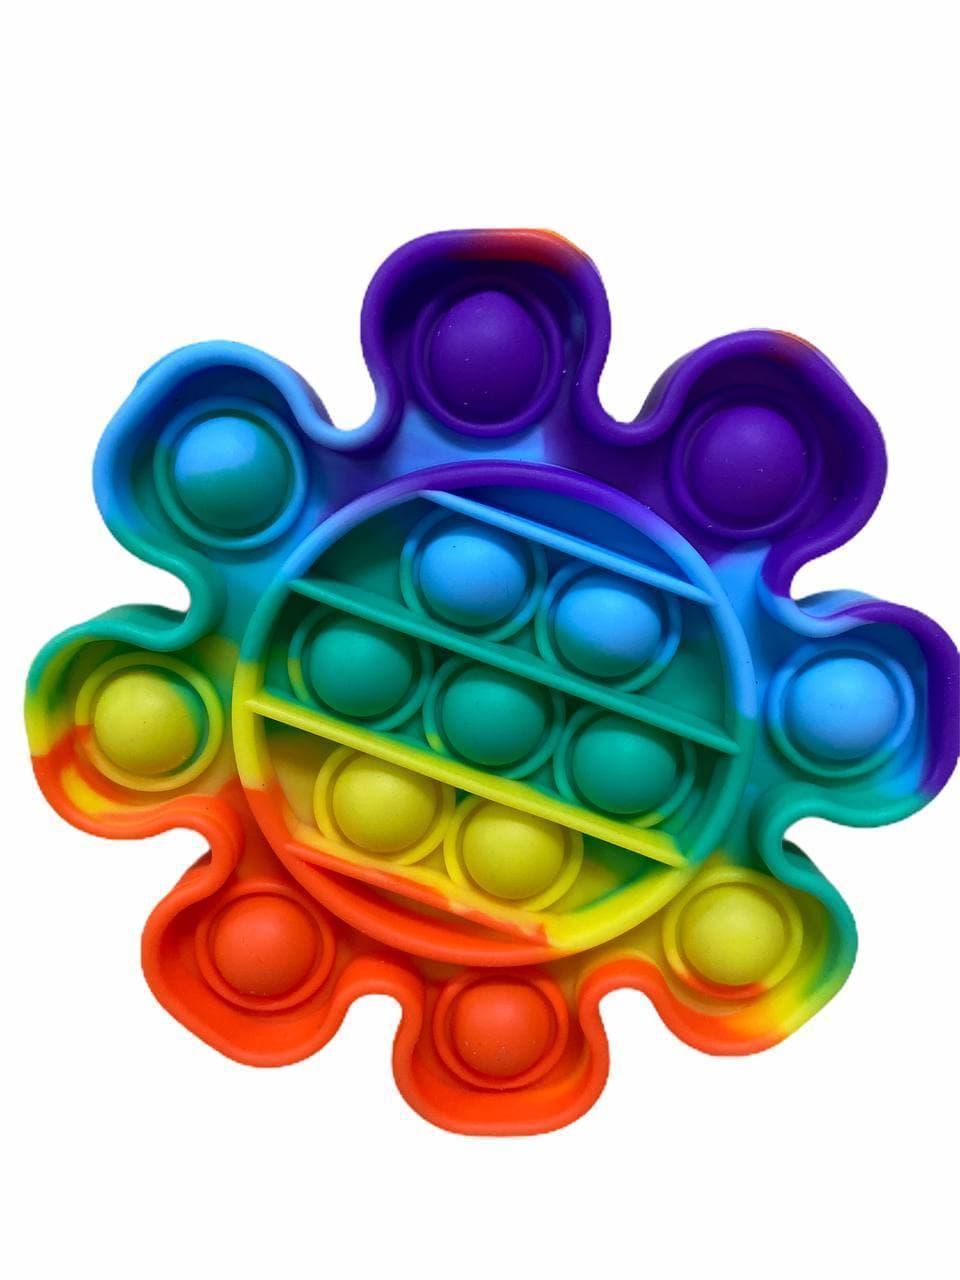 Сенсорная игрушка Pop It Push Bubble Fidget Antistress Бесконечная Пупырка антистресс, цветок радужная